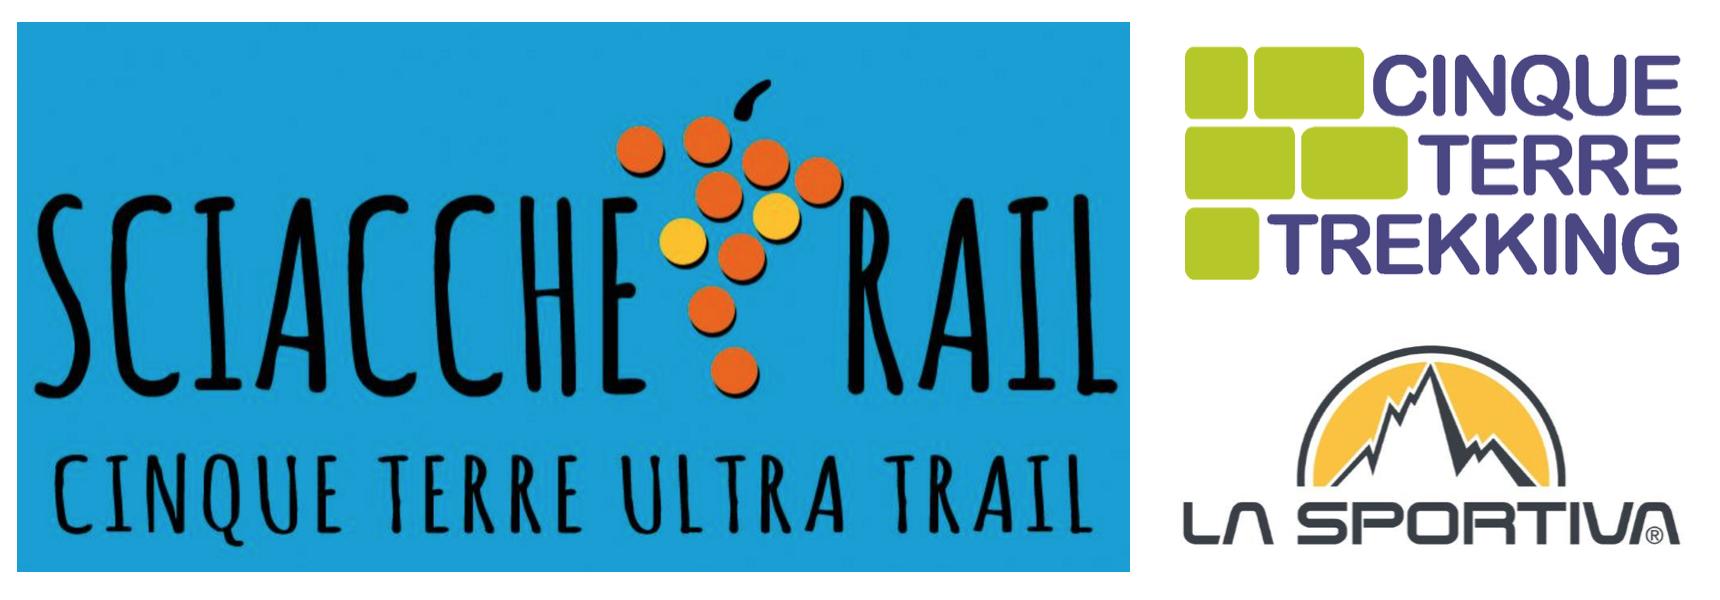 SciaccheTrail 2019 – Ultra Trail delle Cinque Terre